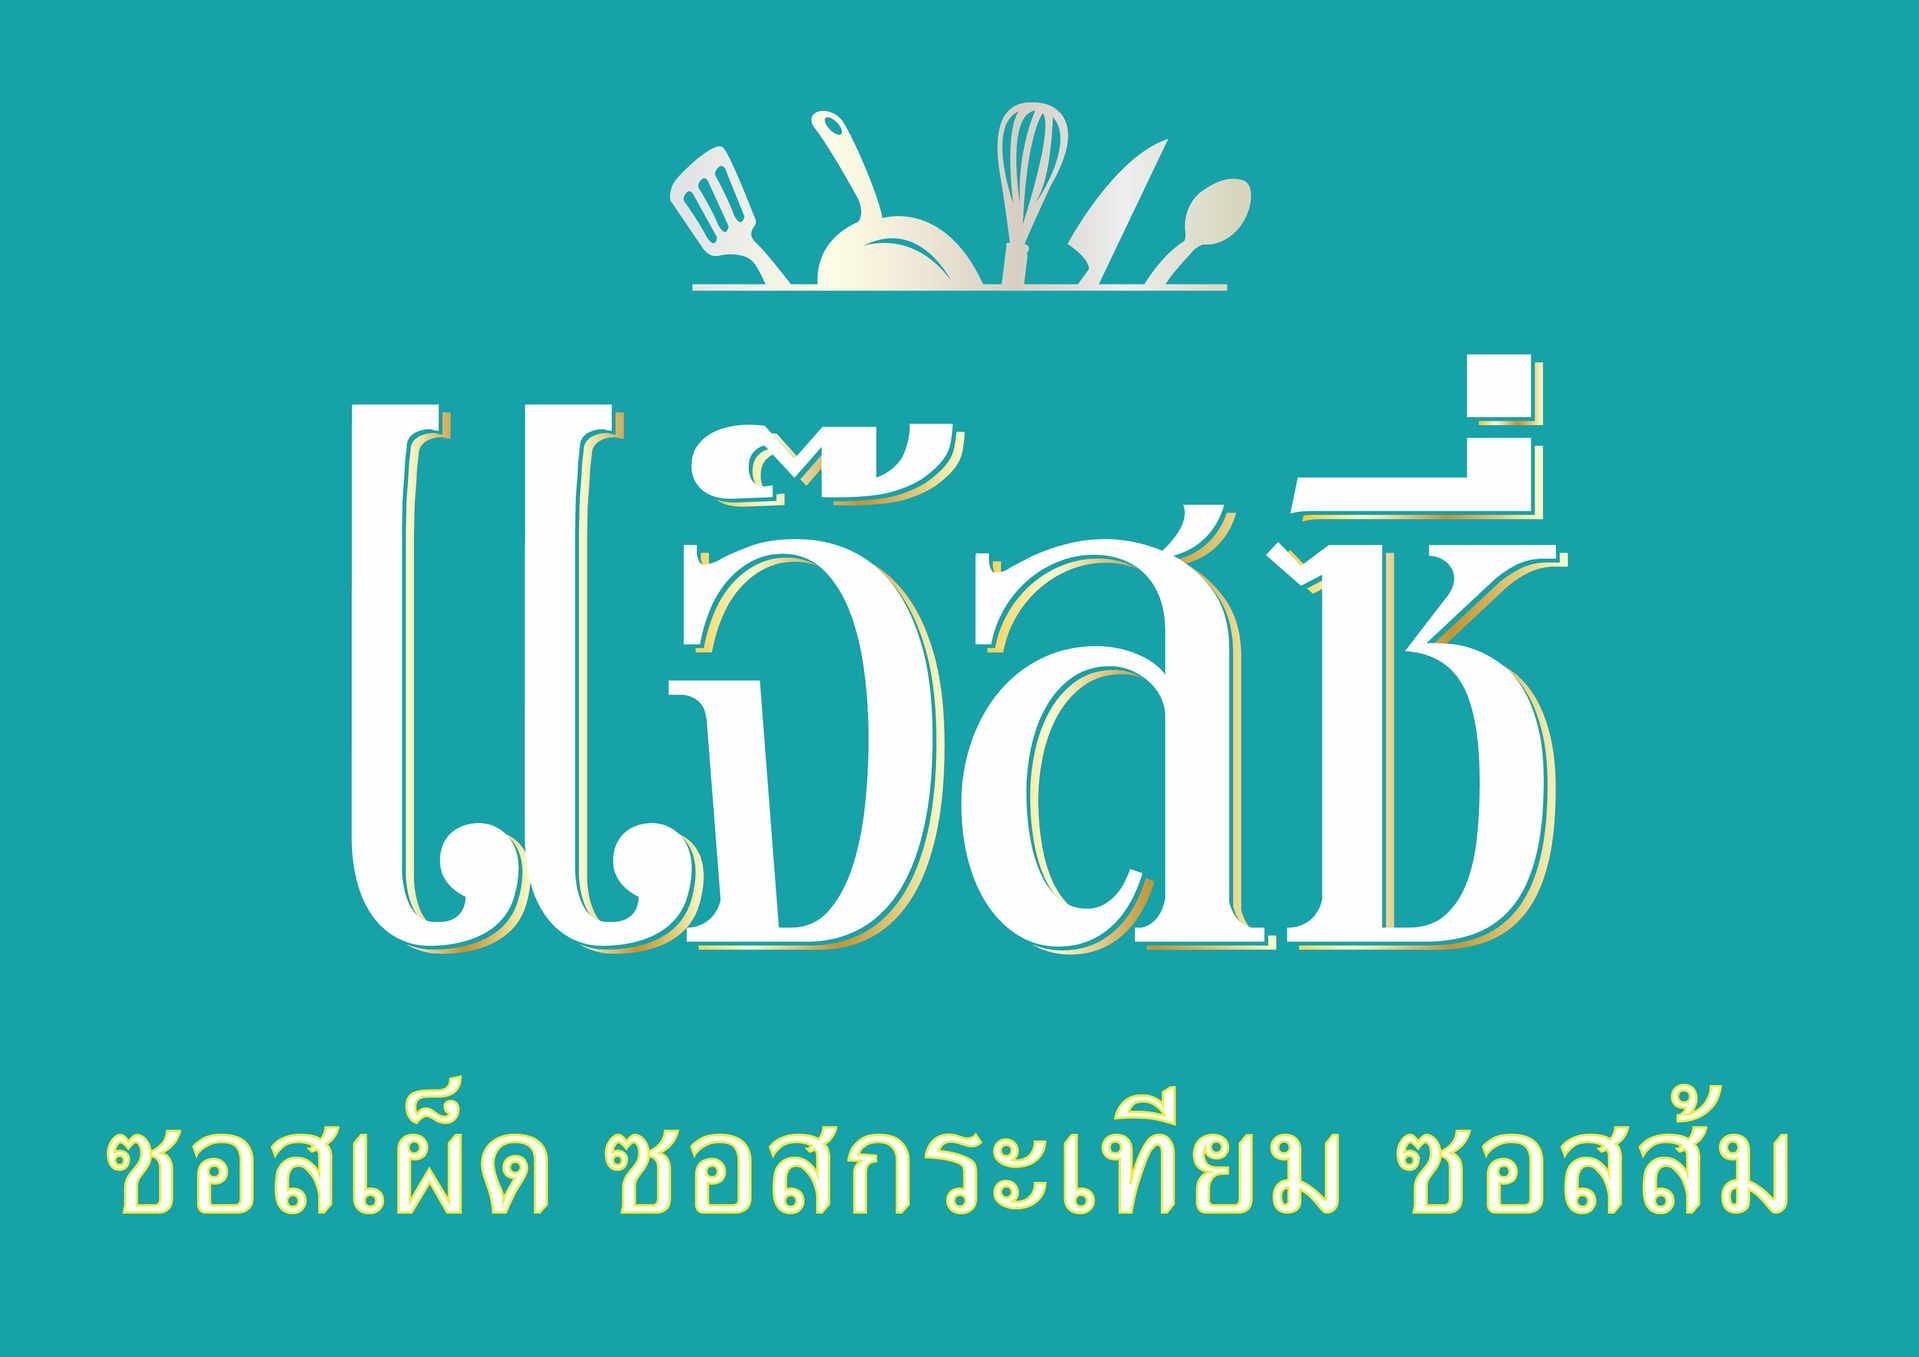 Logo_Jazzii_01.jpg